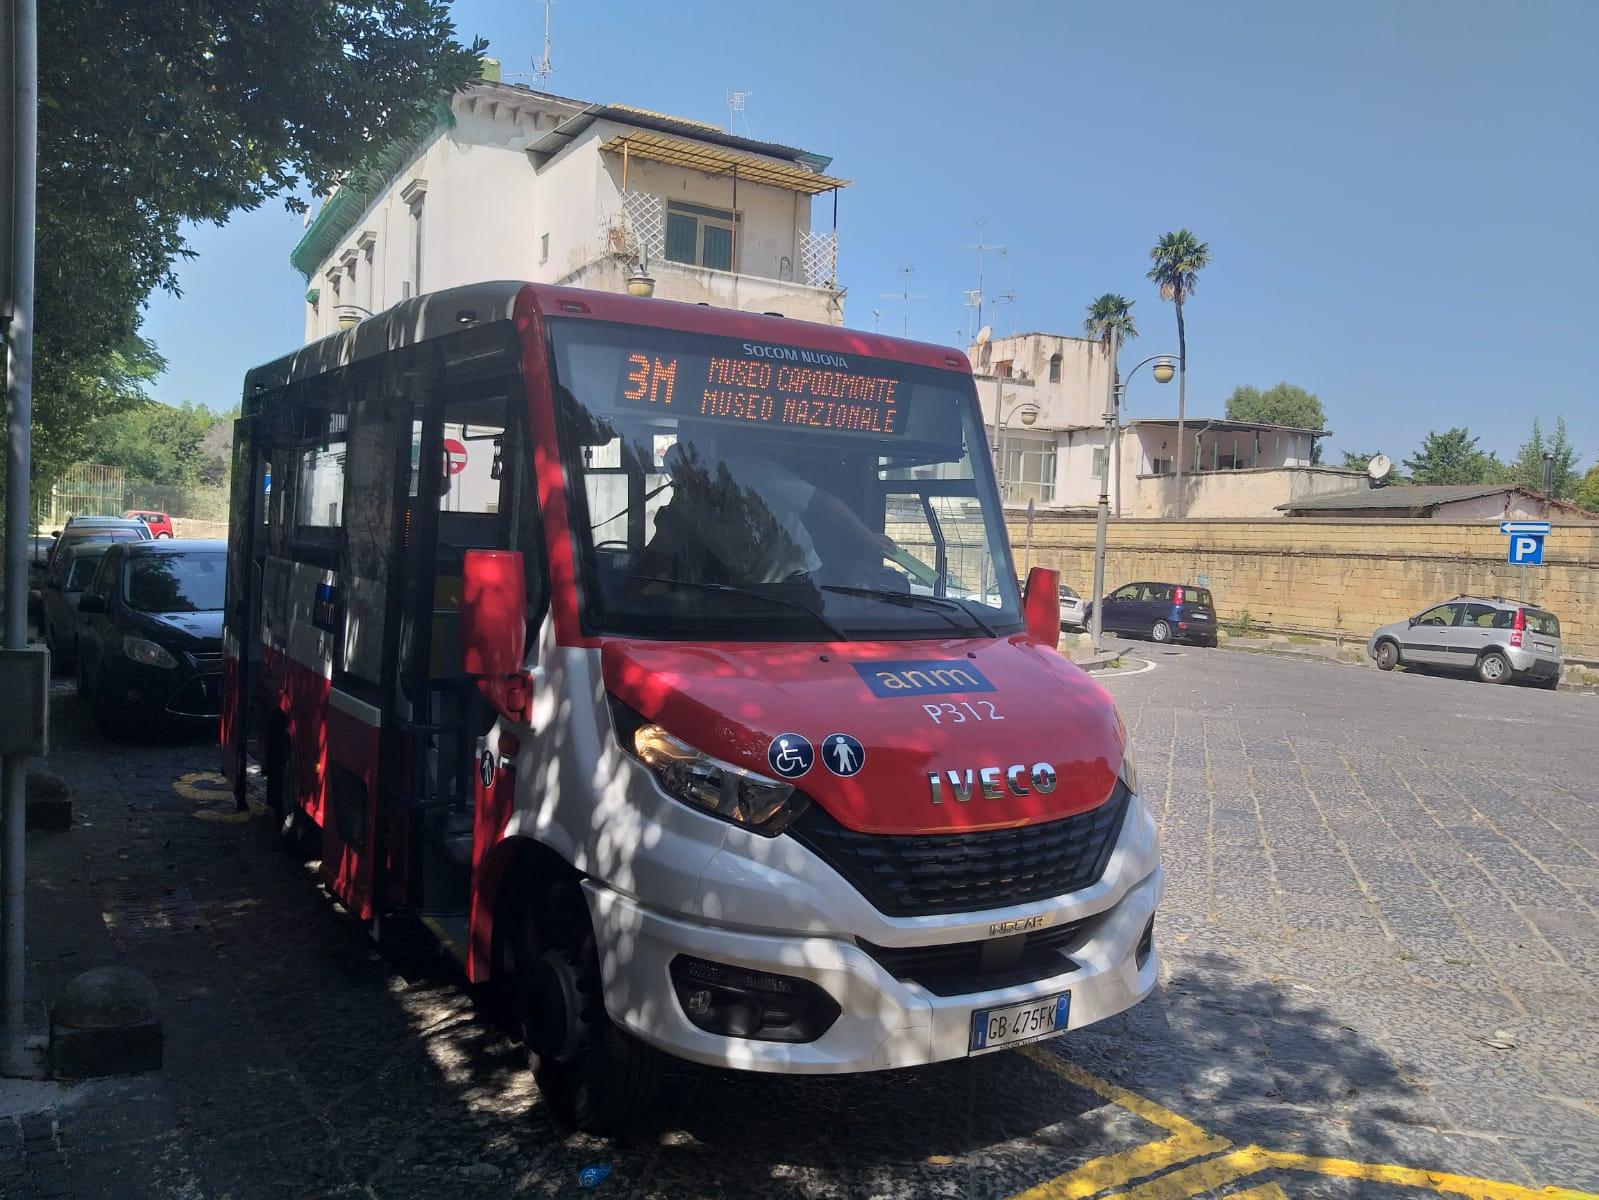 bus 3 m